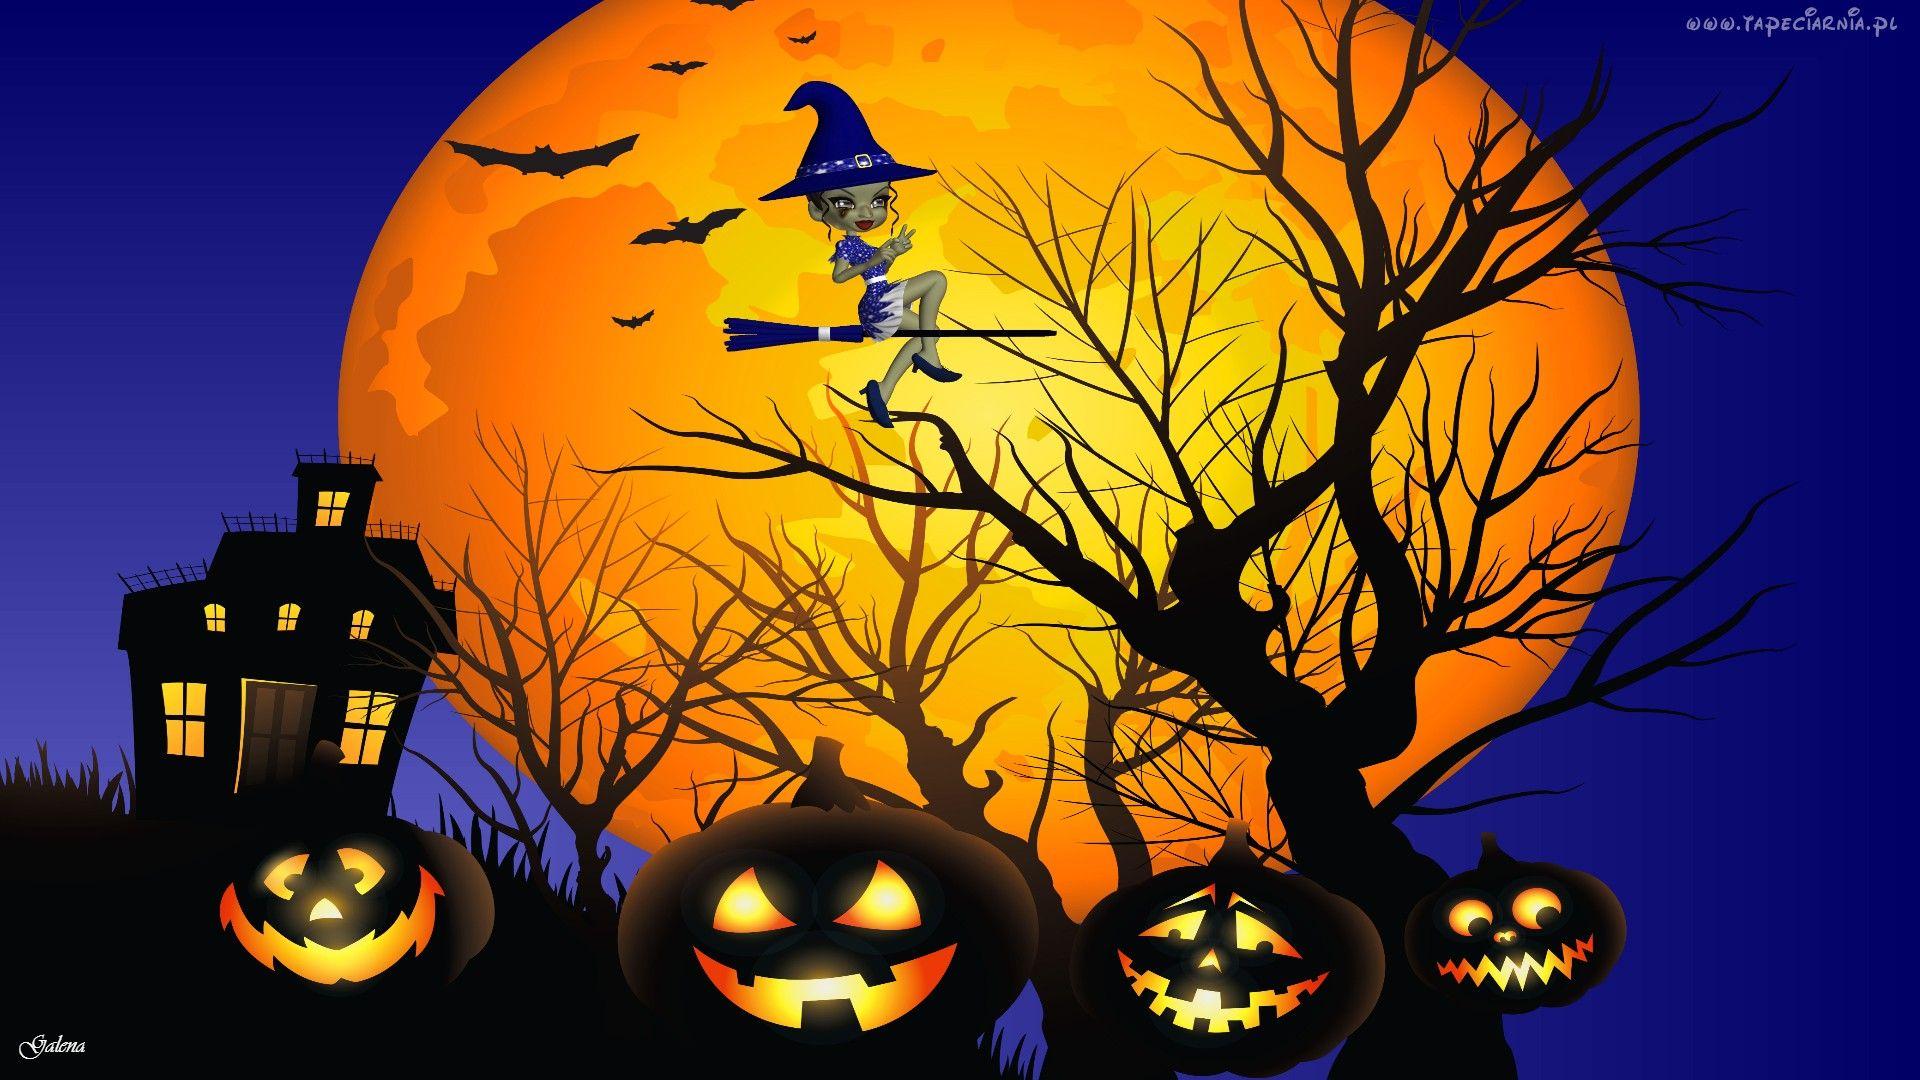 Halloween, Wiedźma, Księżyc, Dynie, Grafika Halloween, Fotos